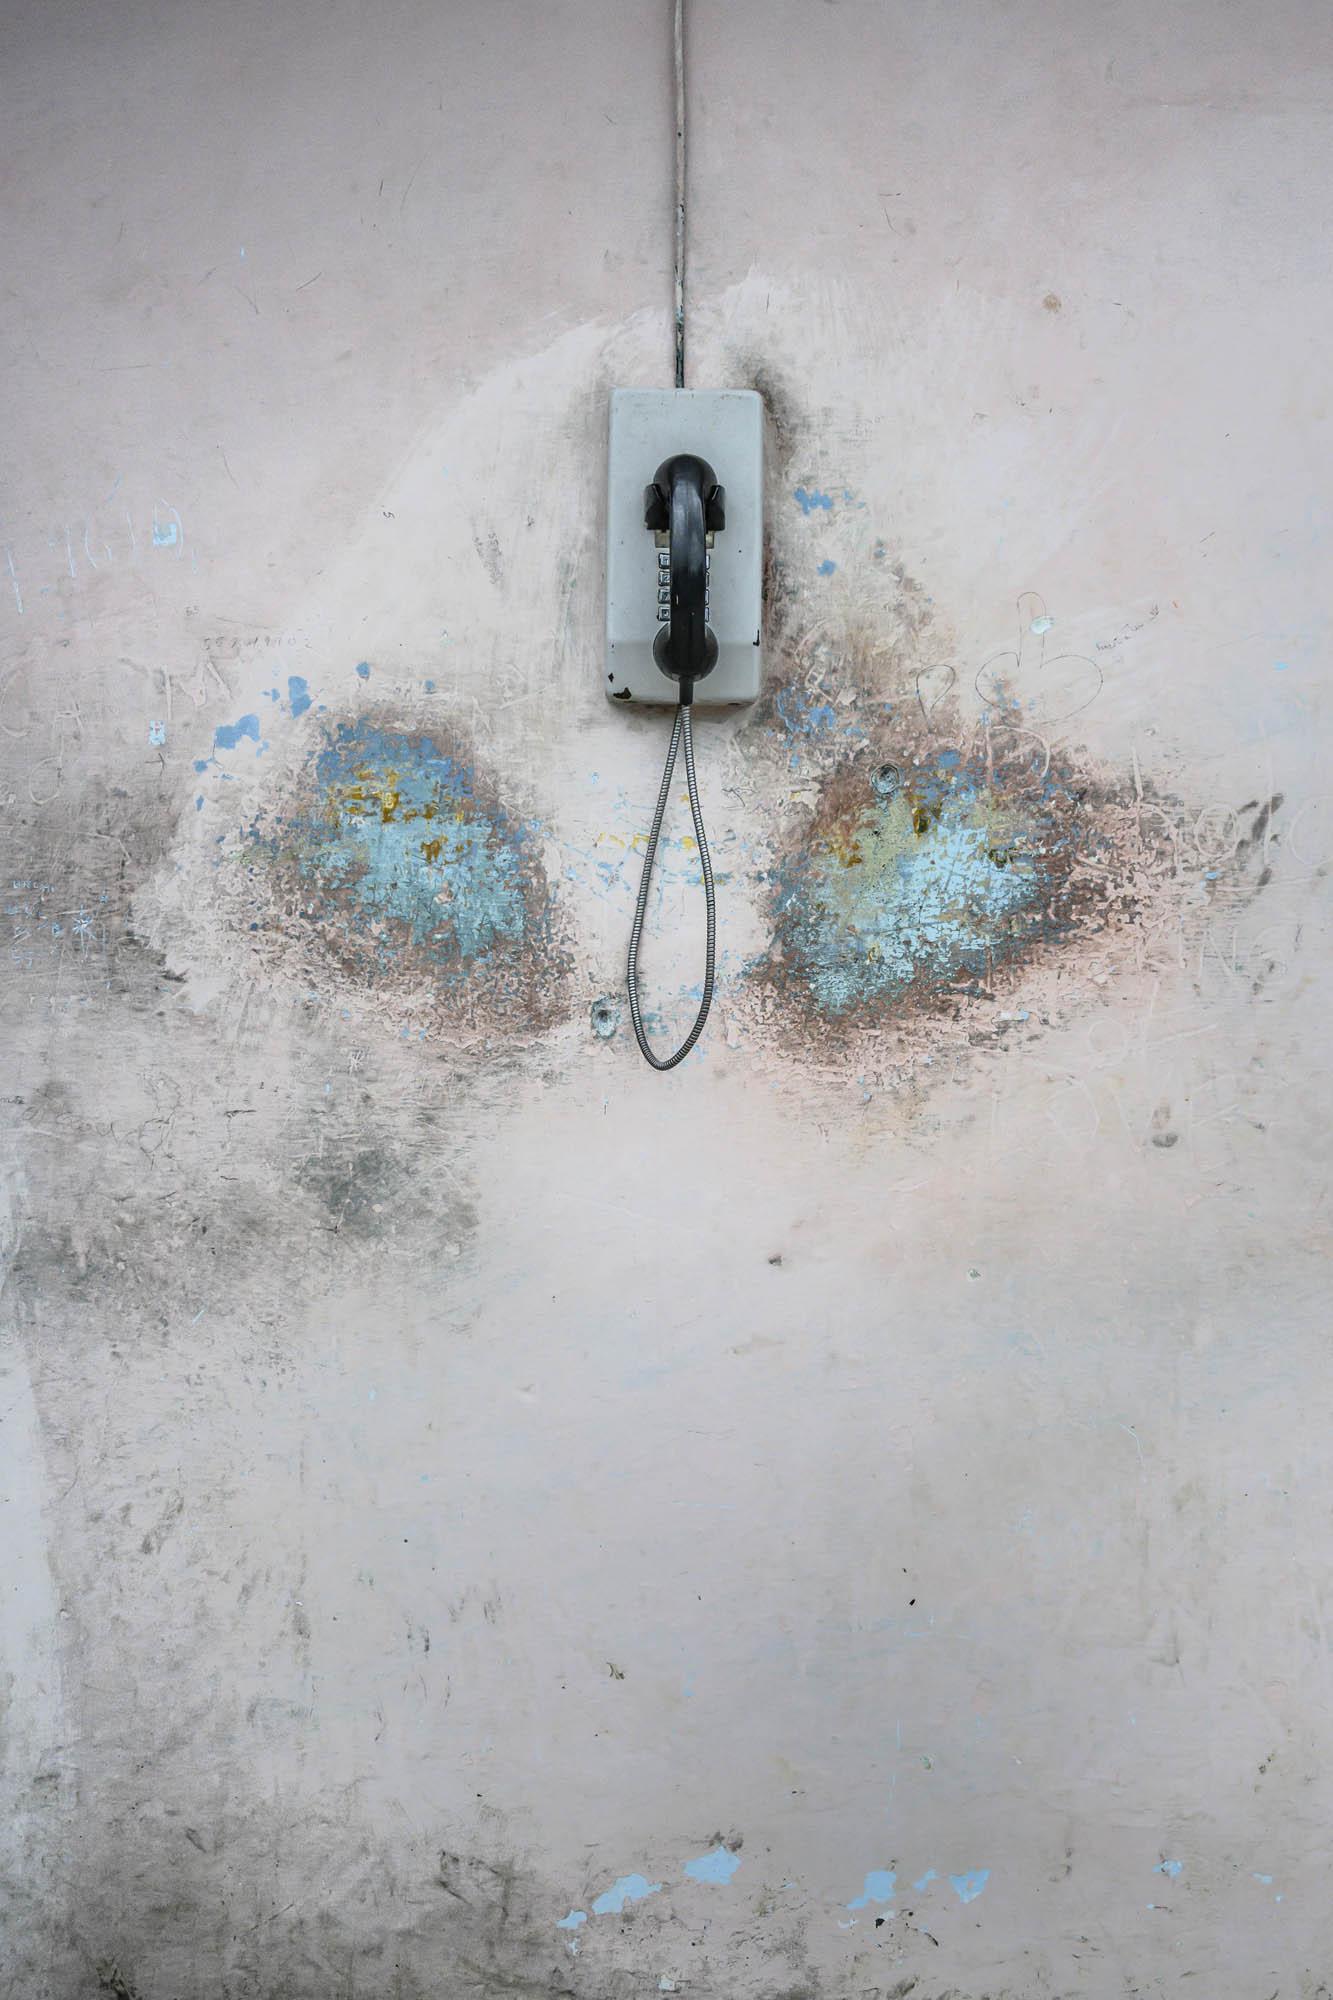 Registro de conversaciones - Cuba - Hector Garrido, Aerial and human photography